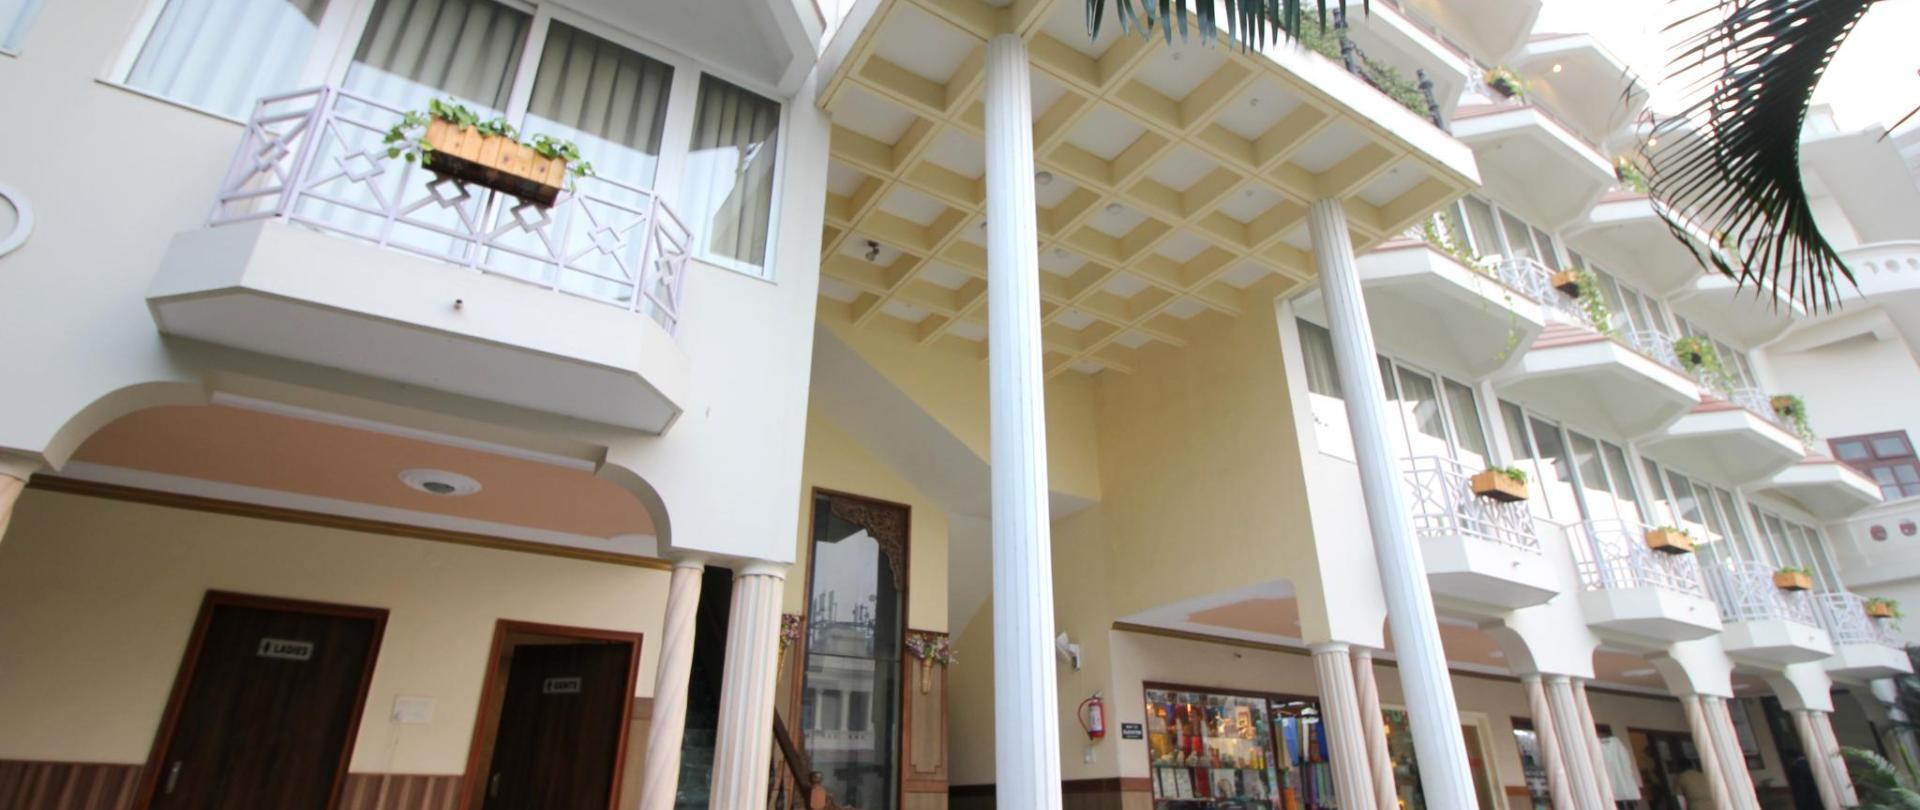 ala lateral de la habitación 1.jpg